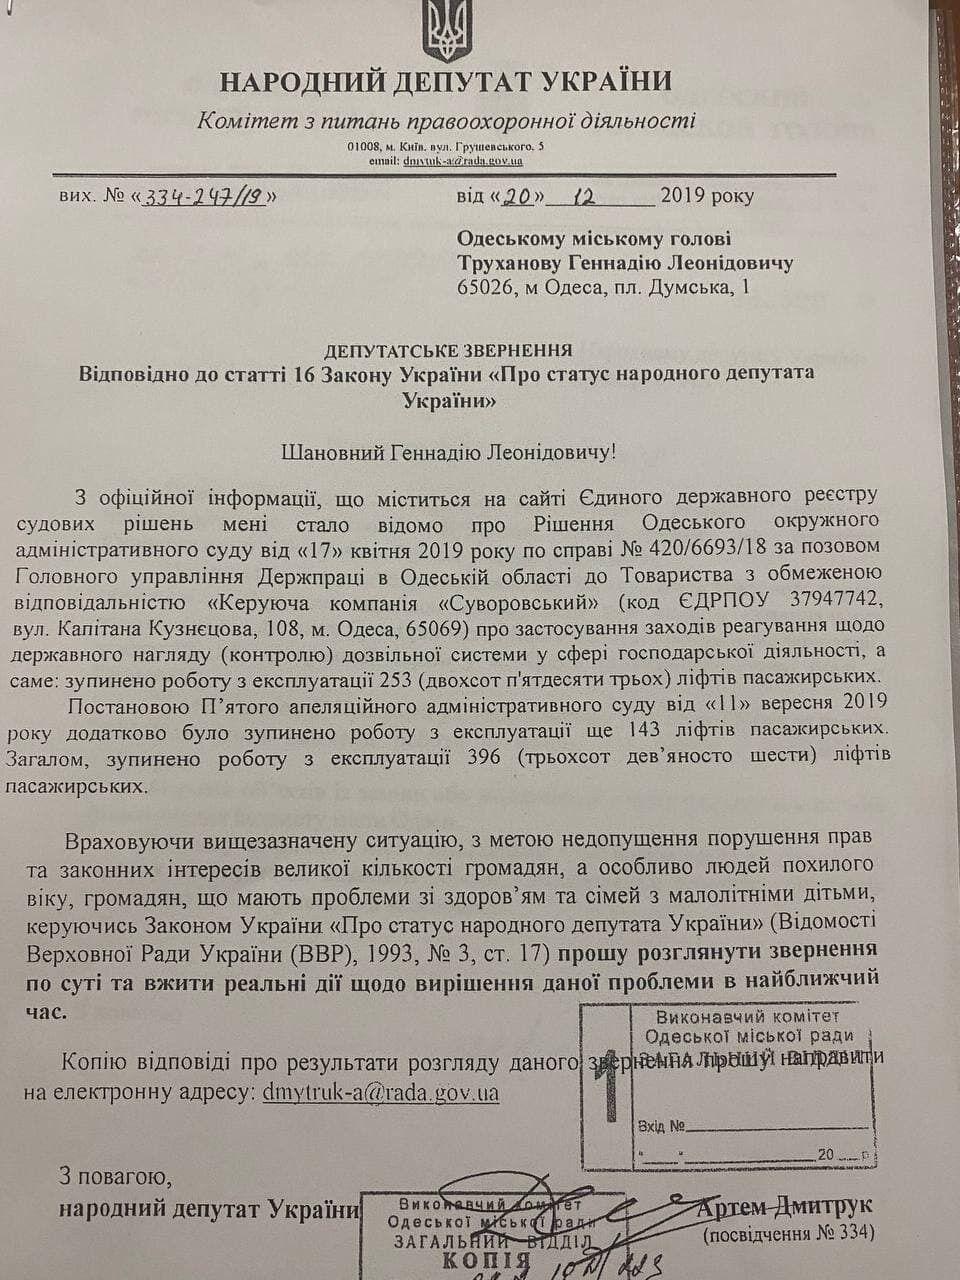 Данные об аварийных лифтах в Одессе